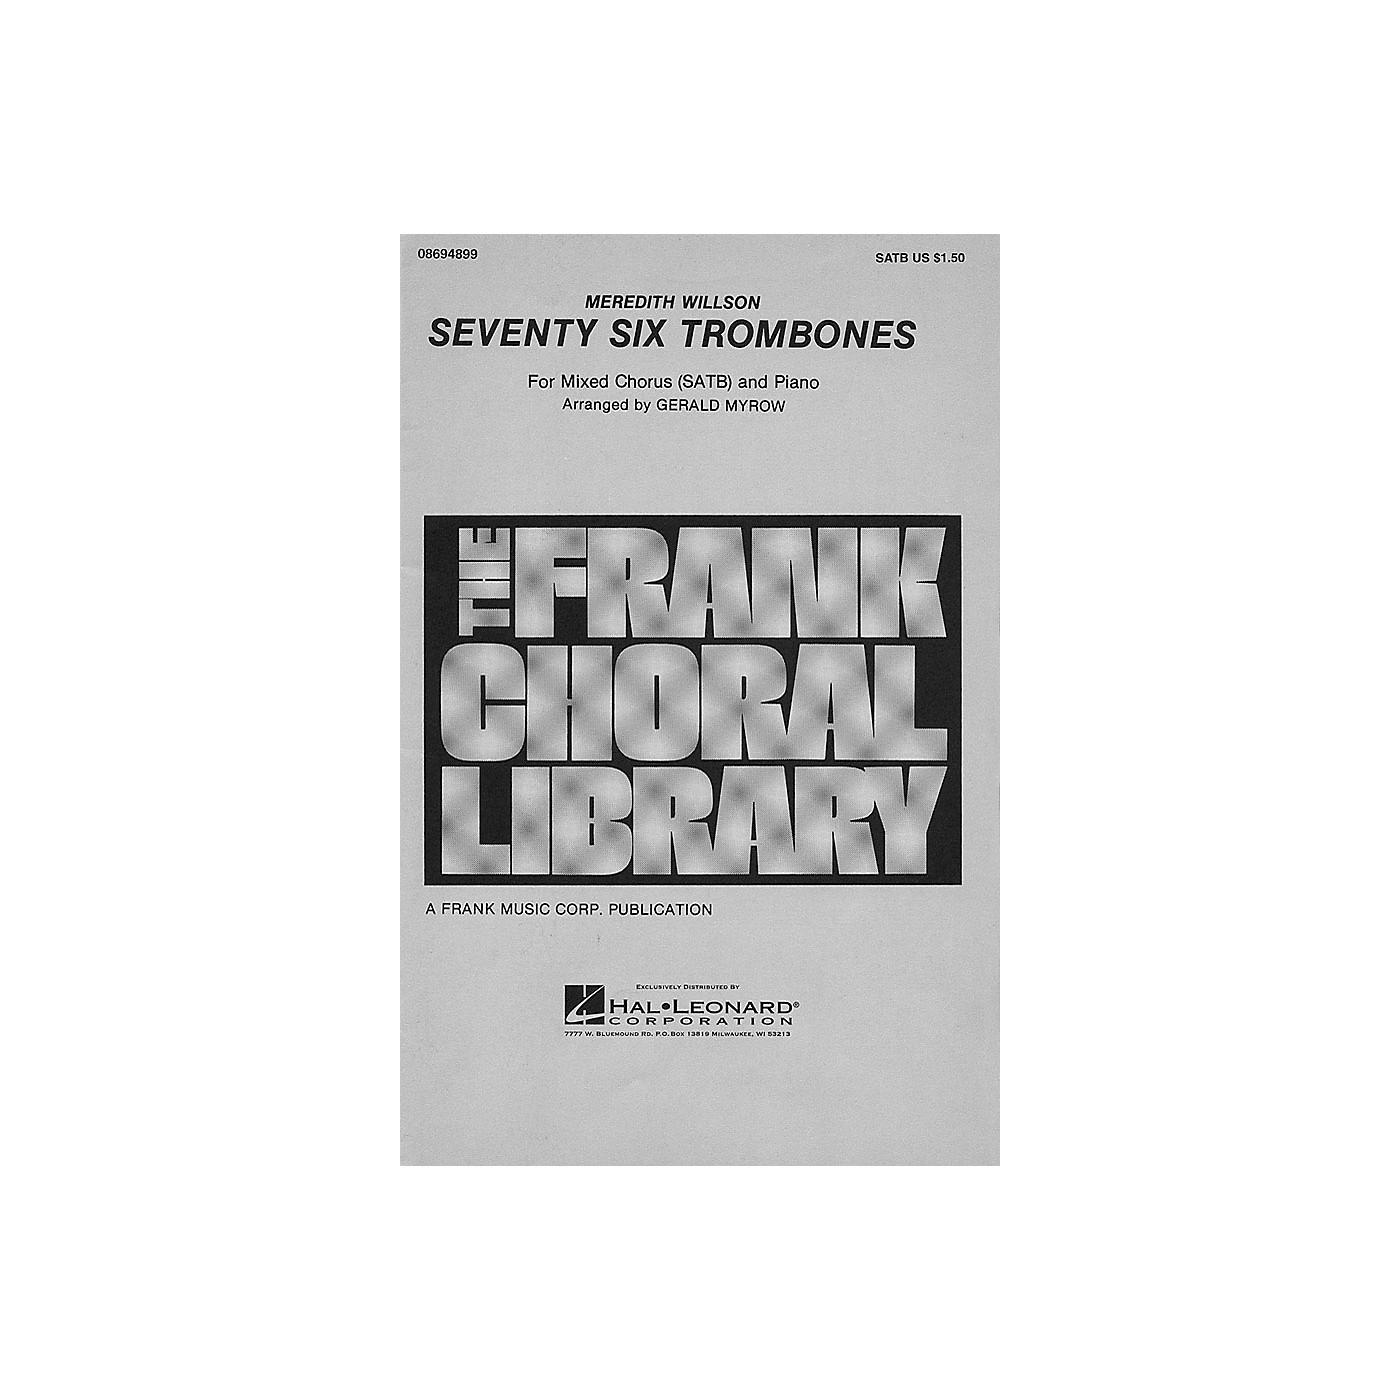 Hal Leonard Seventy Six Trombones SATB arranged by Gerald Myrow thumbnail